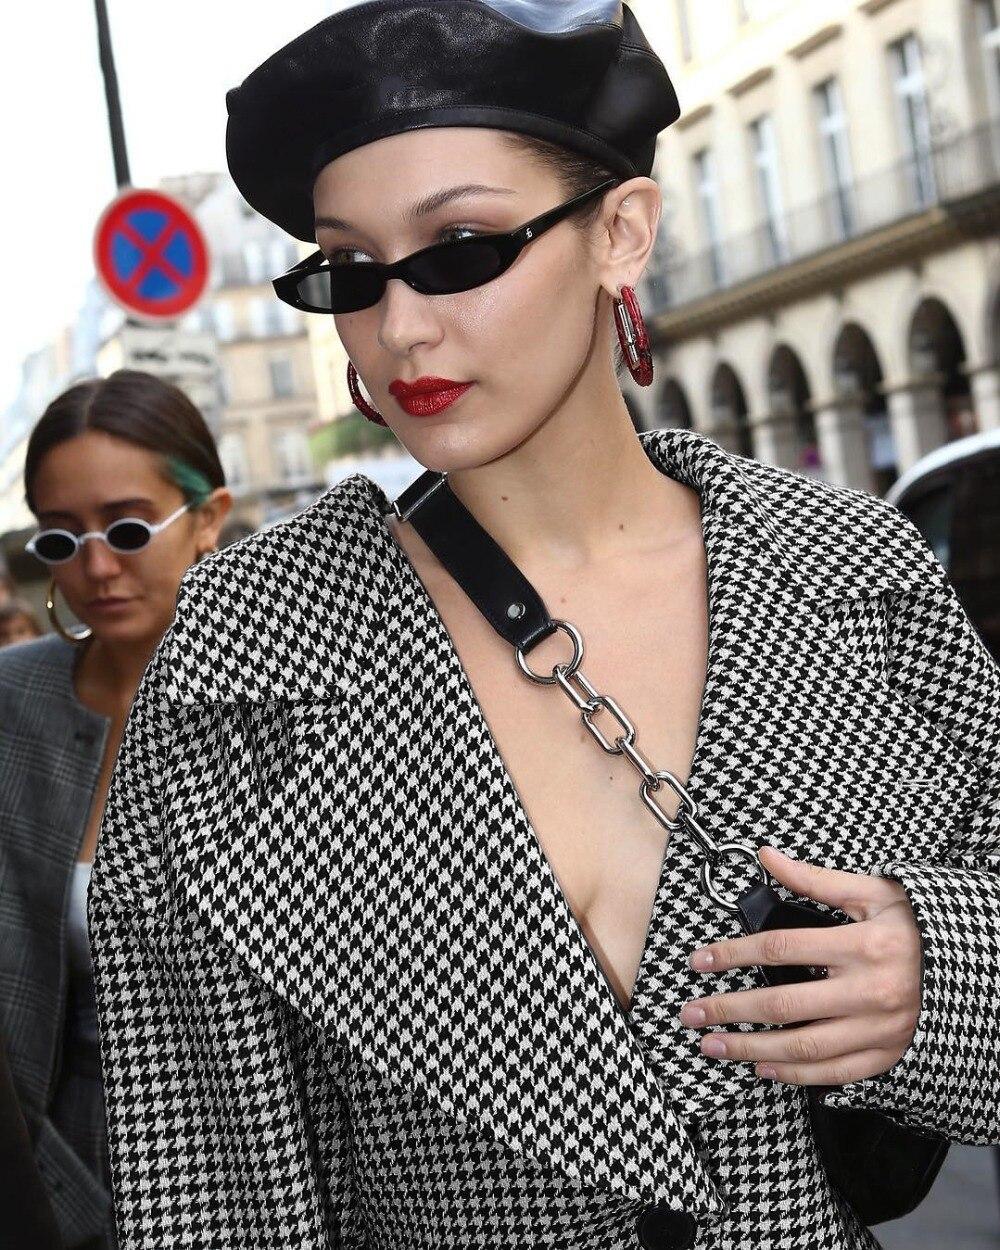 Sur Noir Manteau Plaid Cou Lsysag Élégance Picture Hiver V Mode Color Jacke Pied De Profonde Blanc Poule Vêtements Femmes Damier 2018 qqYgaU